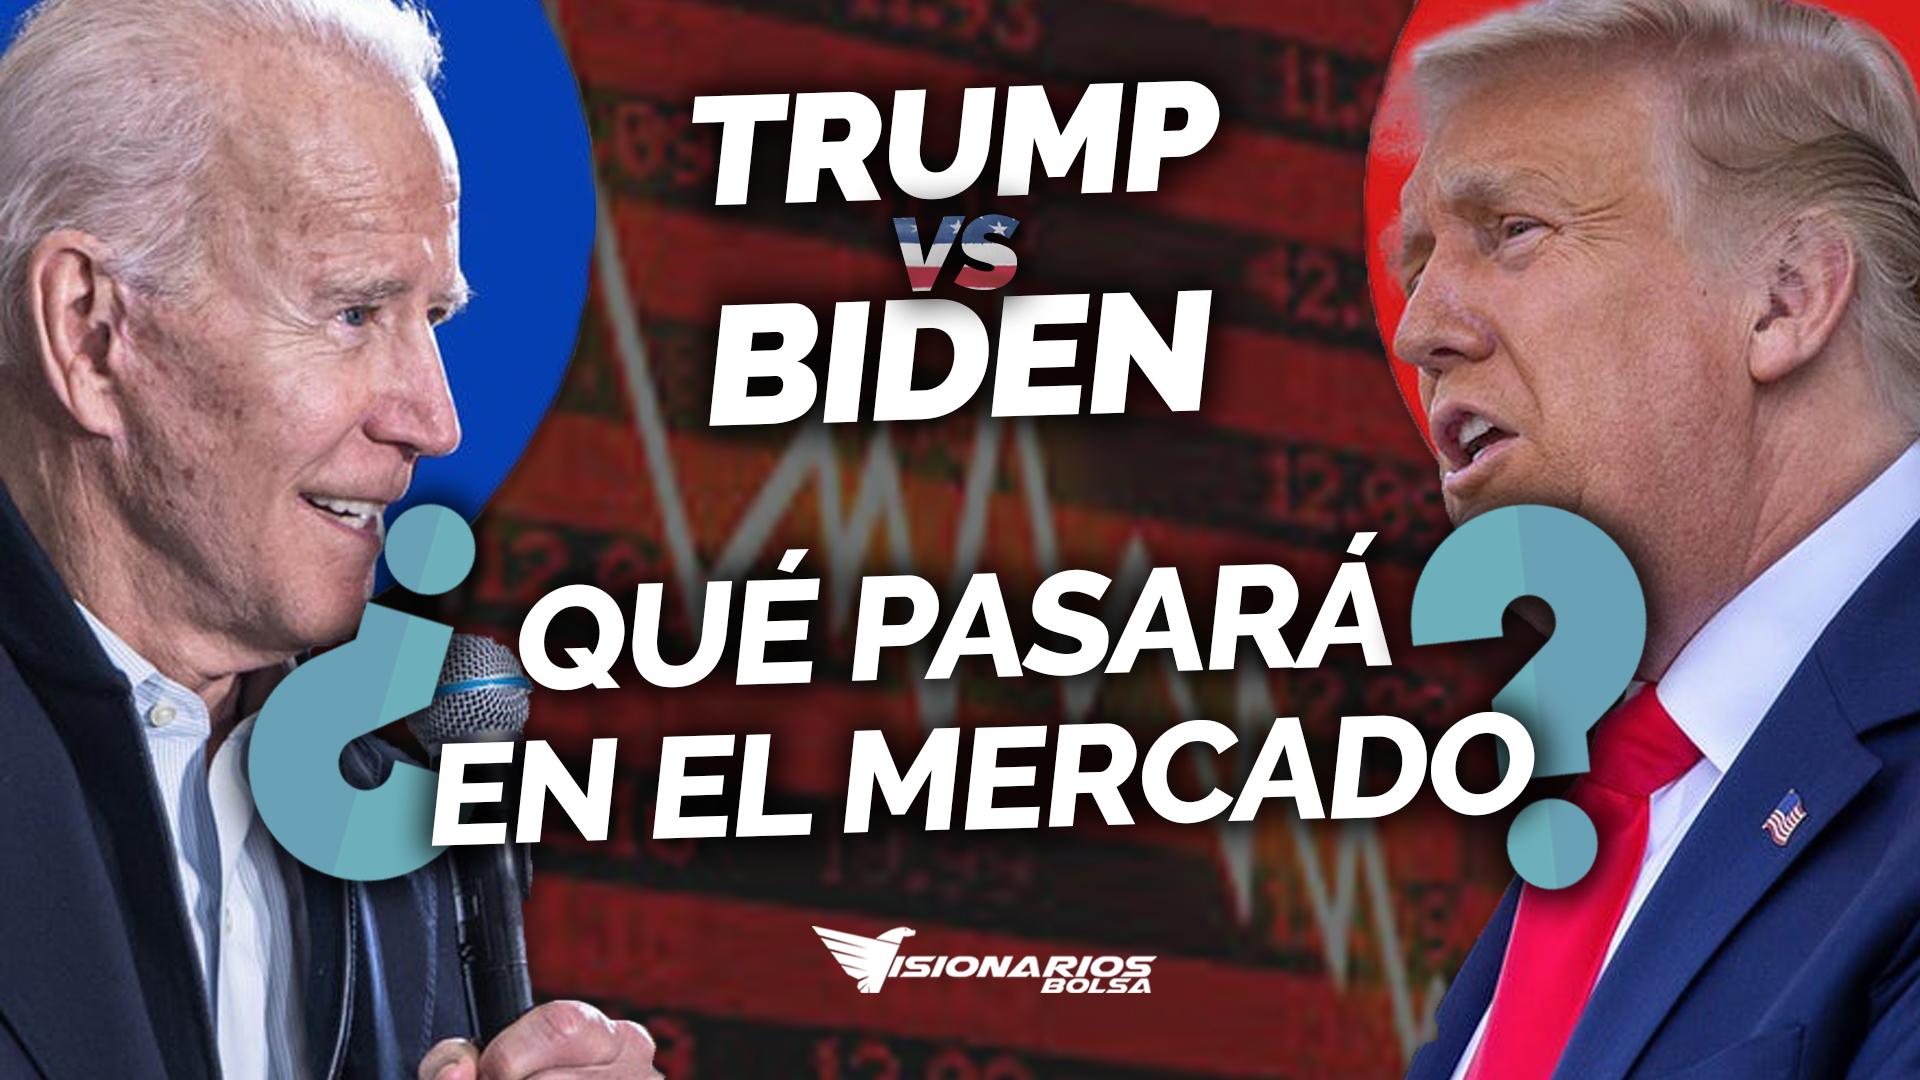 Trump Vs Biden ¿Quién Ganará?